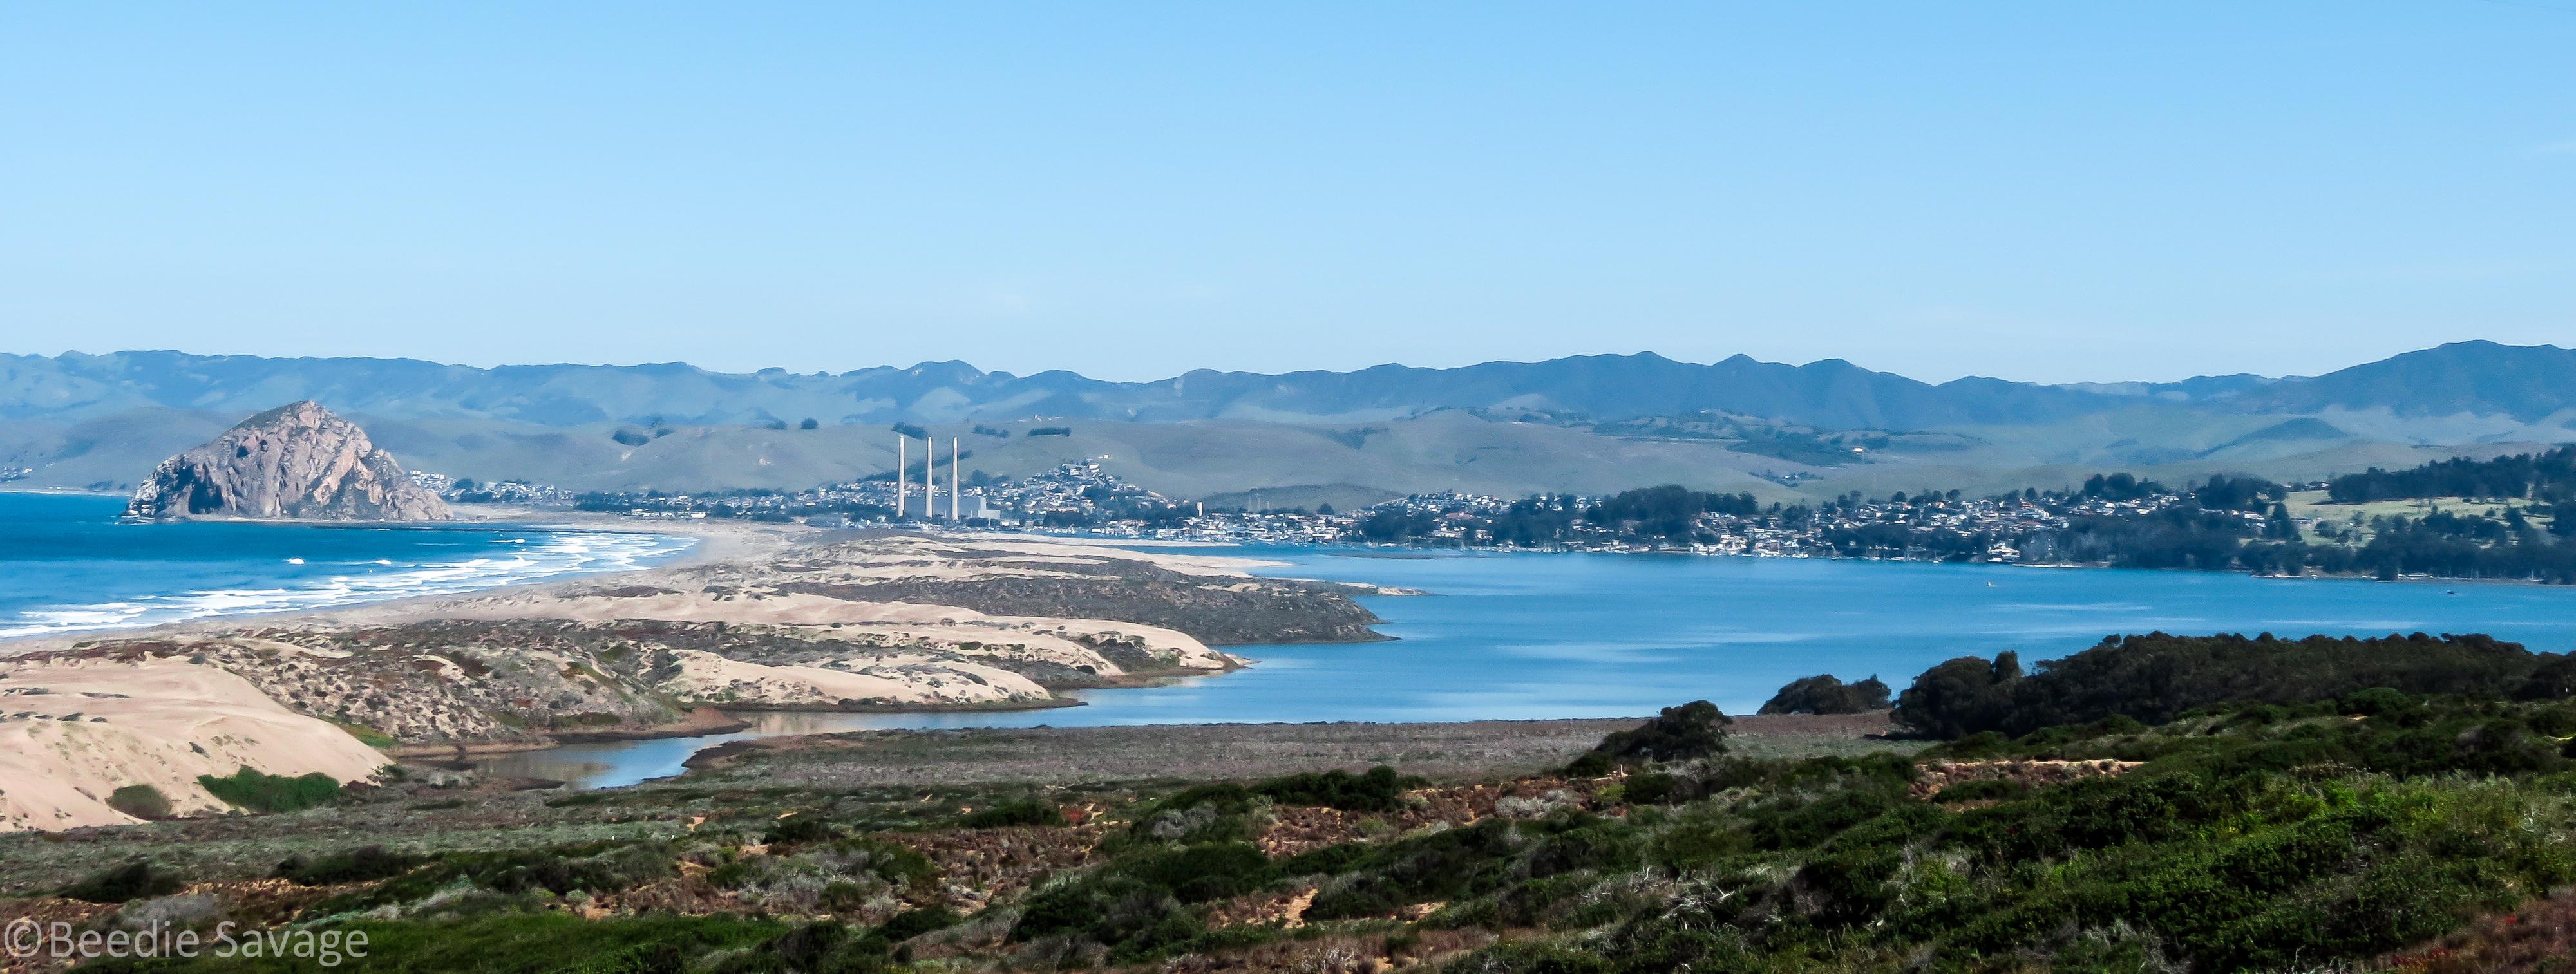 Back Bay of Morro Bay